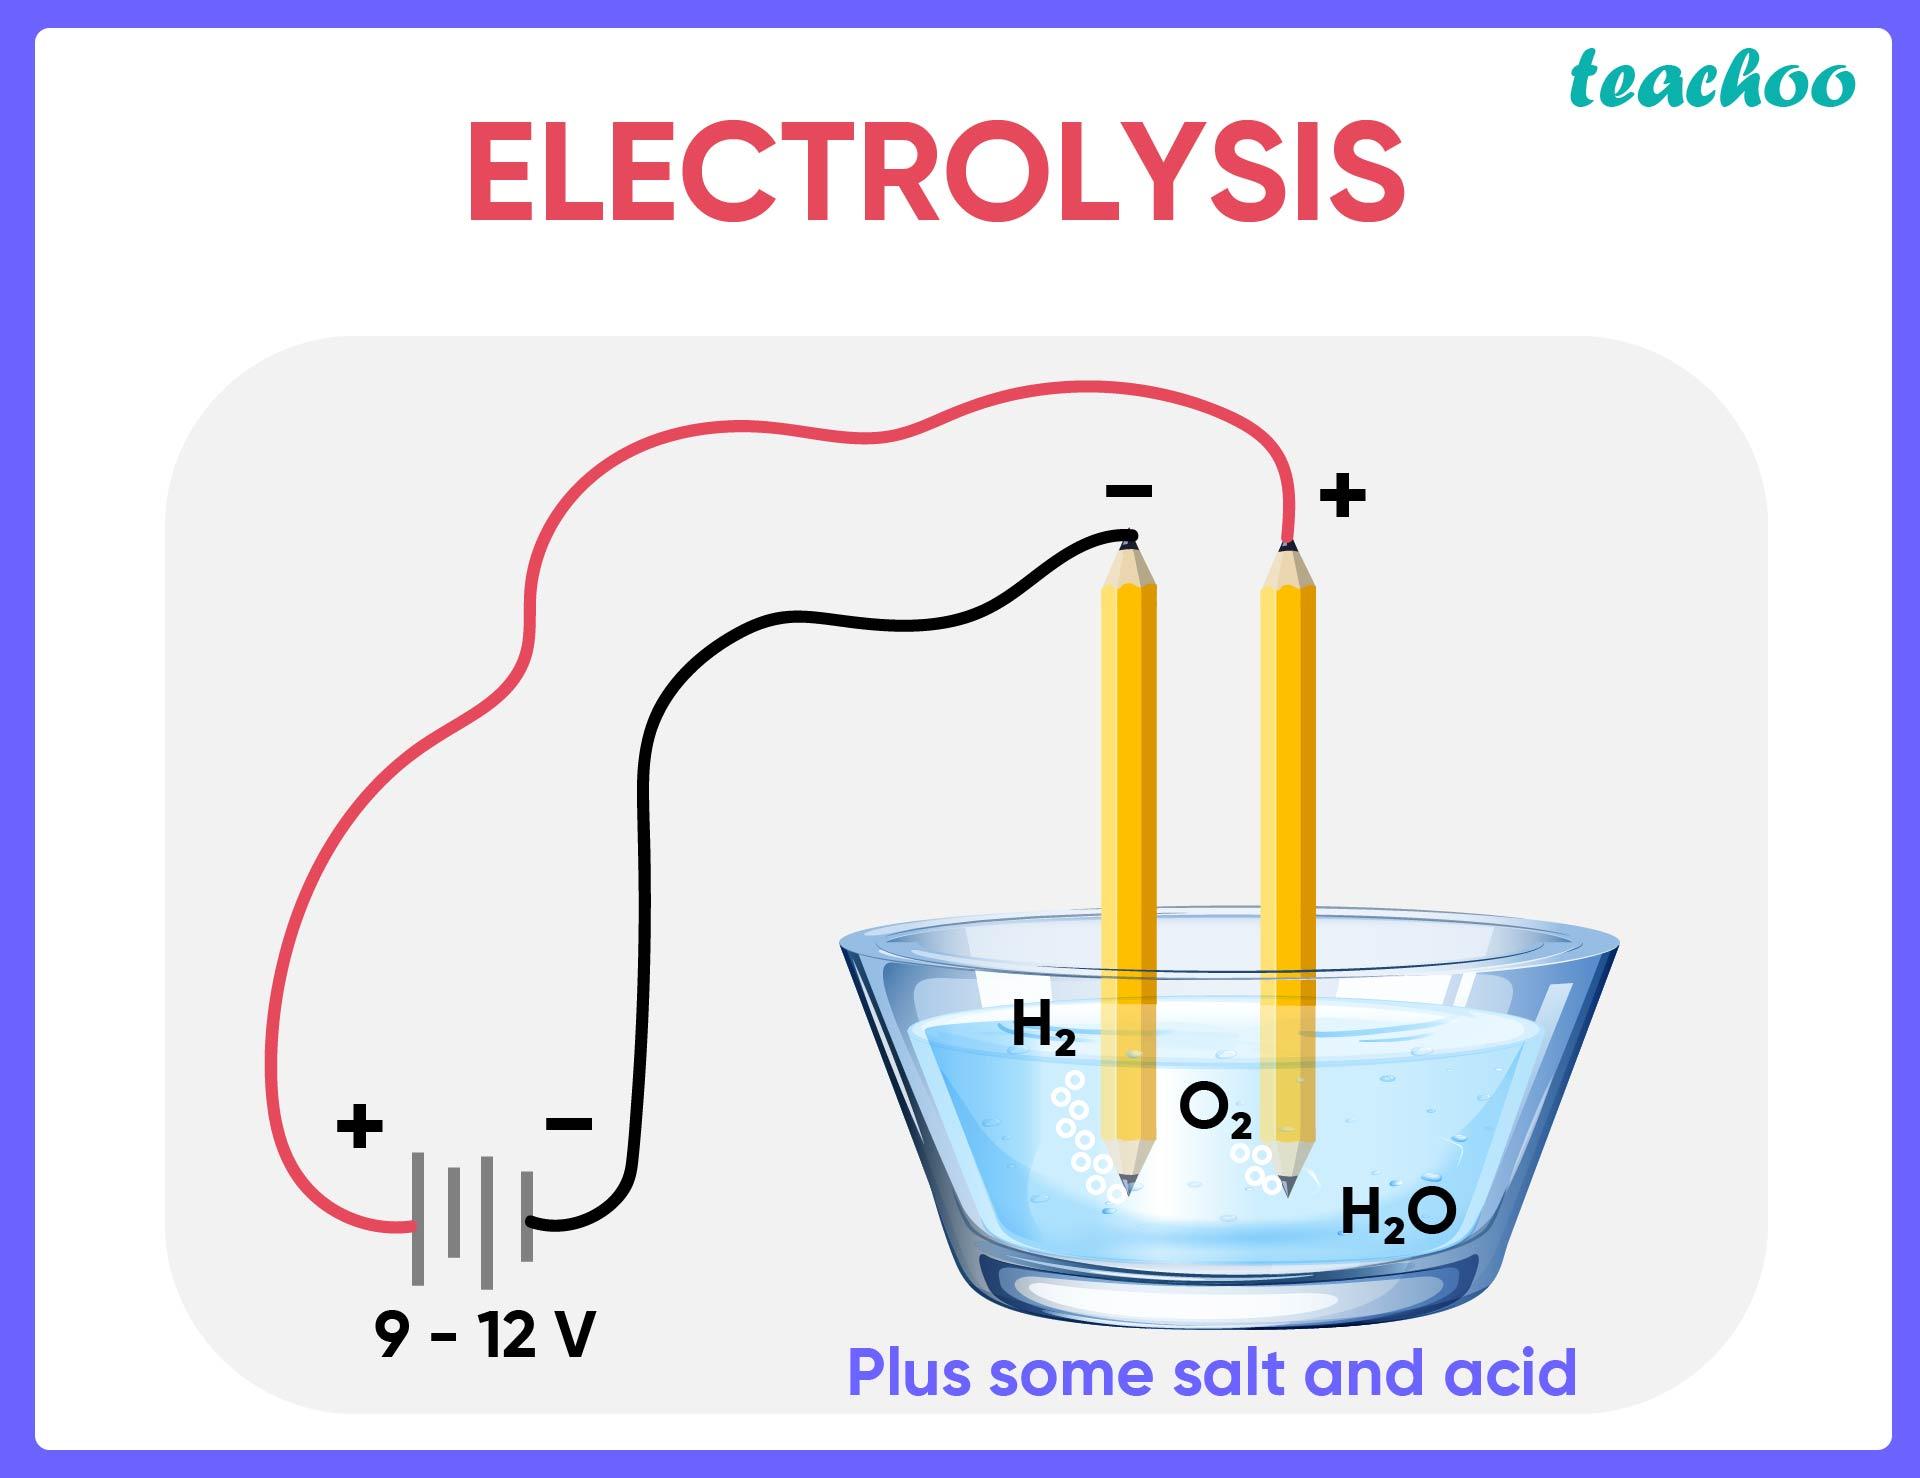 Electrolysis-01.jpg